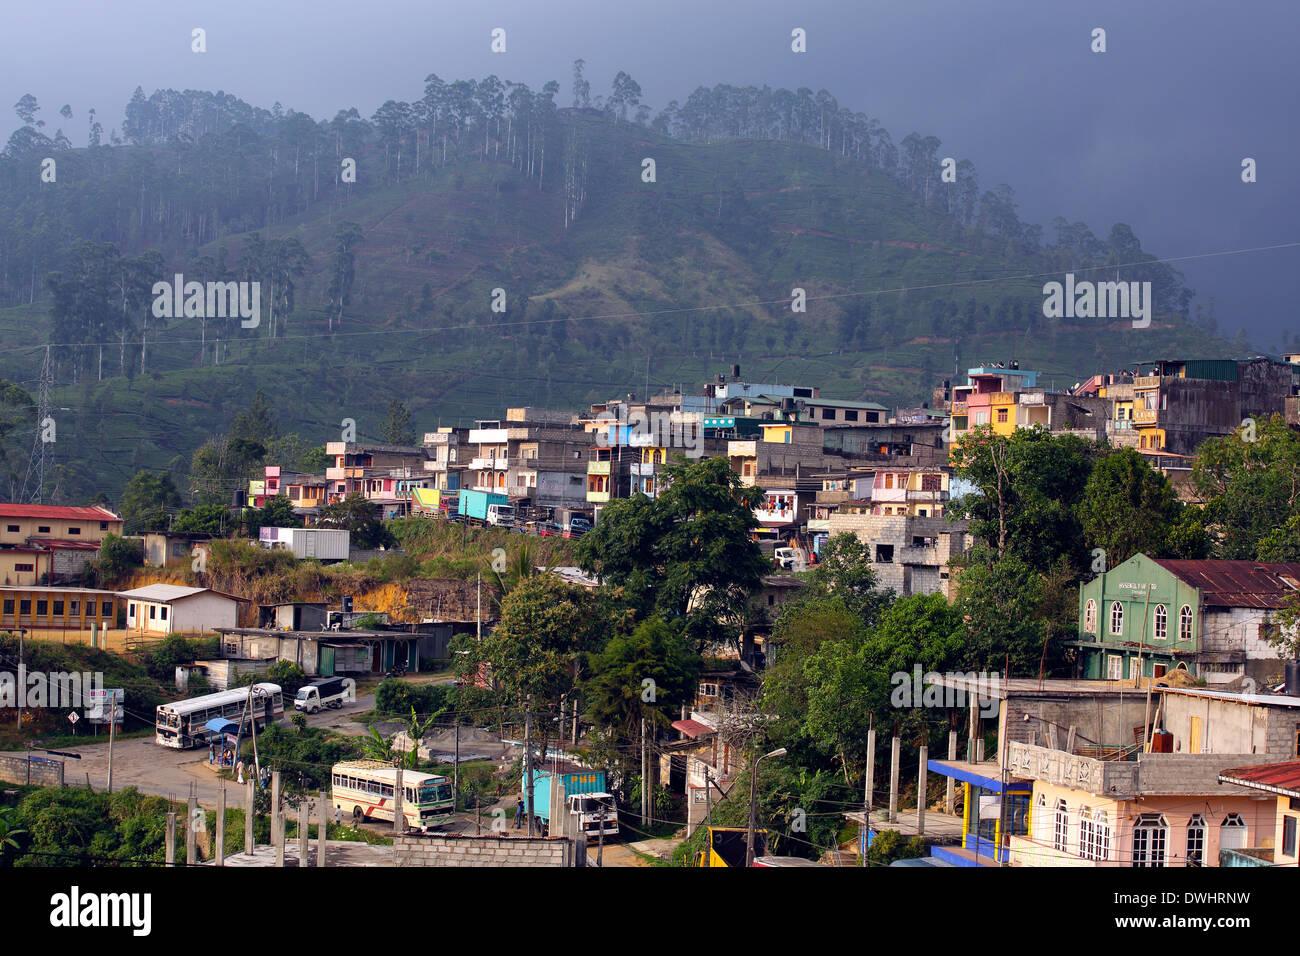 Maskeliya township dans les hauts plateaux de la région de culture du thé de Sri Lanka Photo Stock